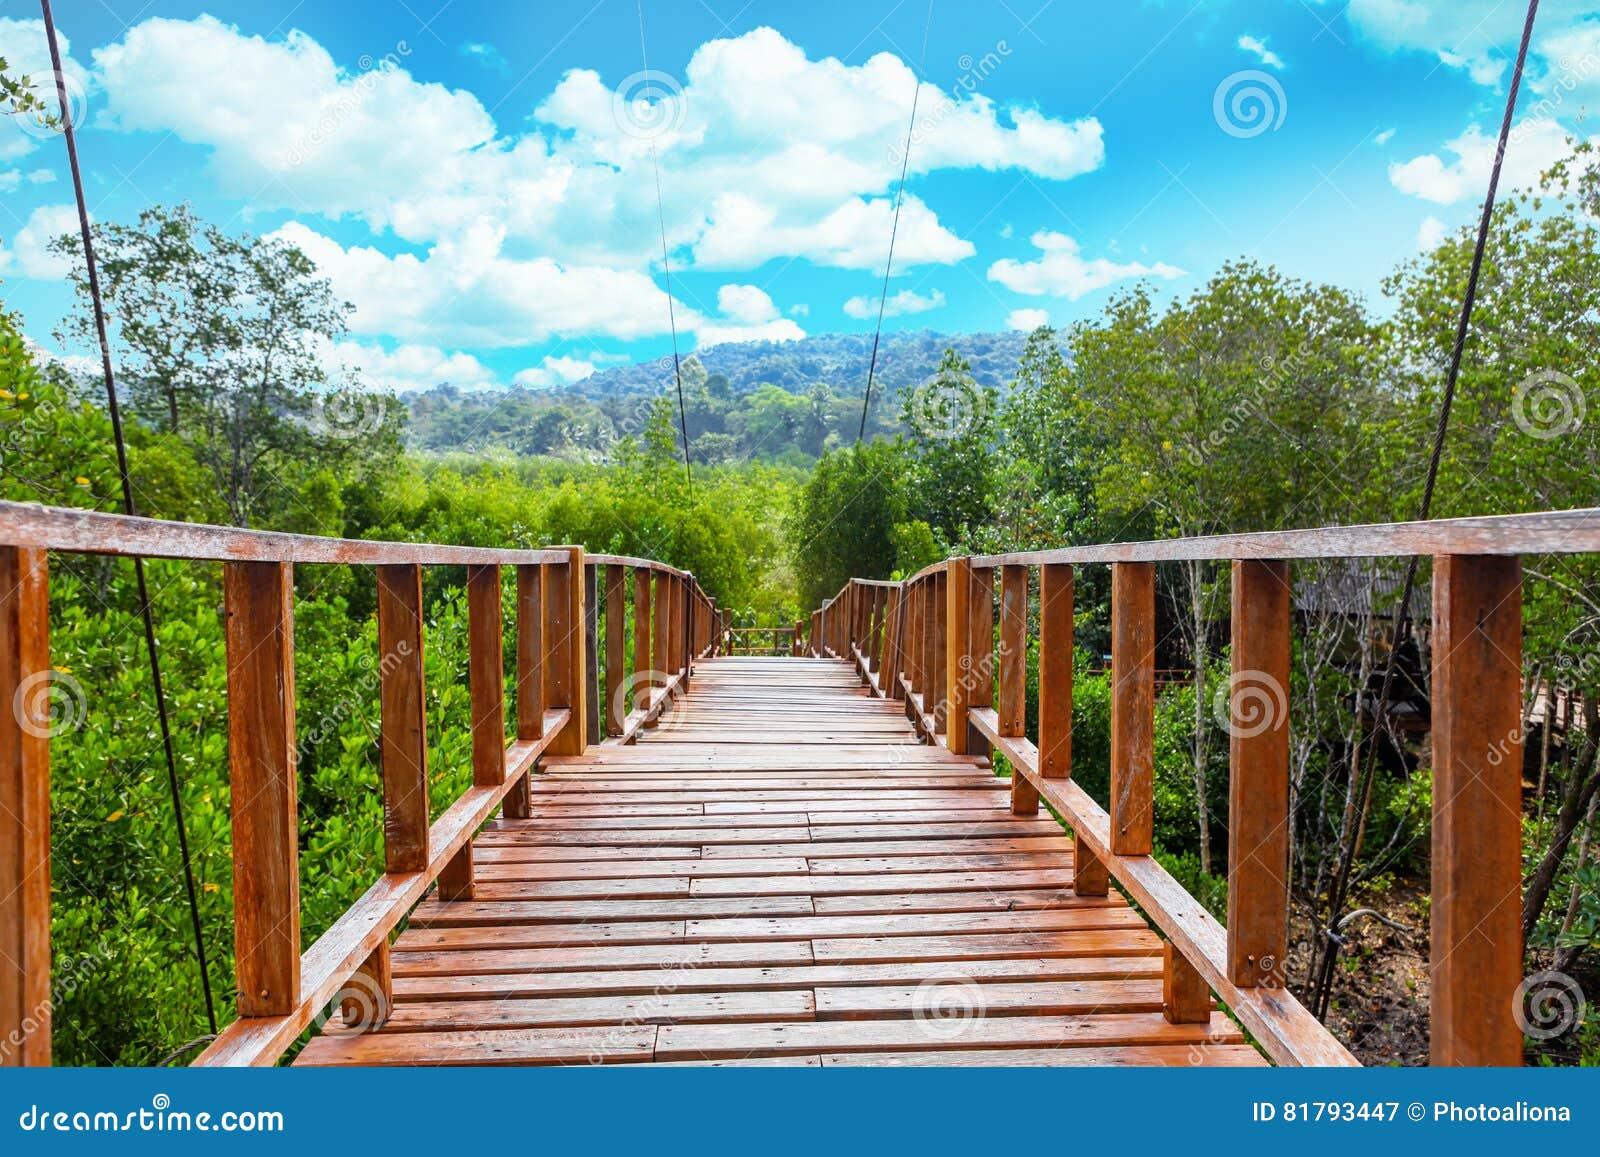 Passage couvert de Forest Wooden de palétuvier de baie de Thung Kha Chumphon, Thaïlande